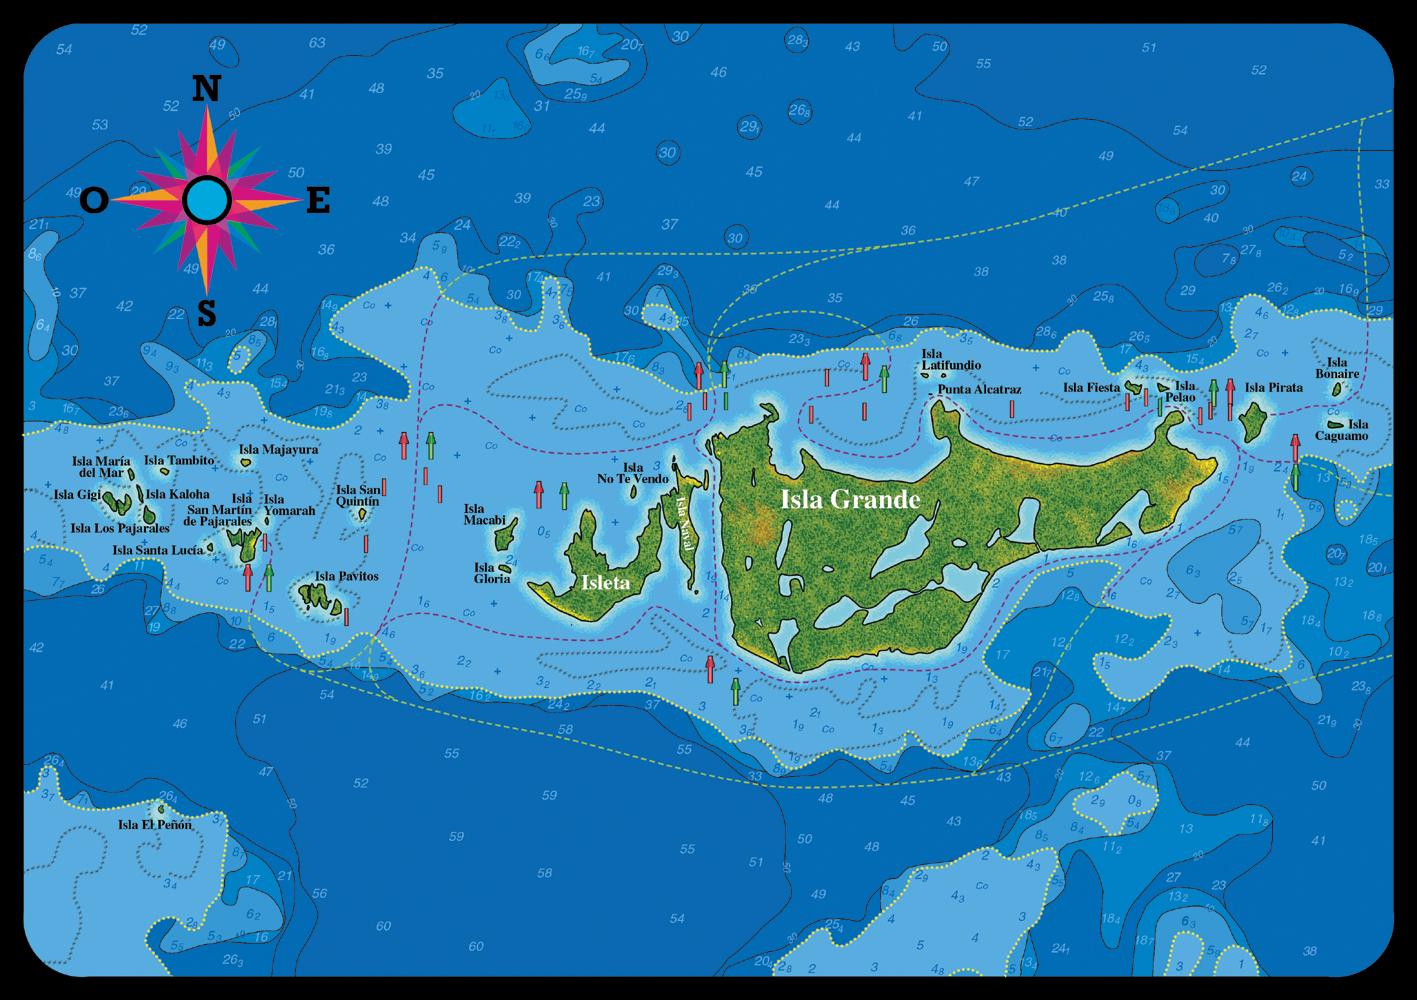 The Isla Grande At The National Park Corales Del Rosario Y San - Cartagena de indias map